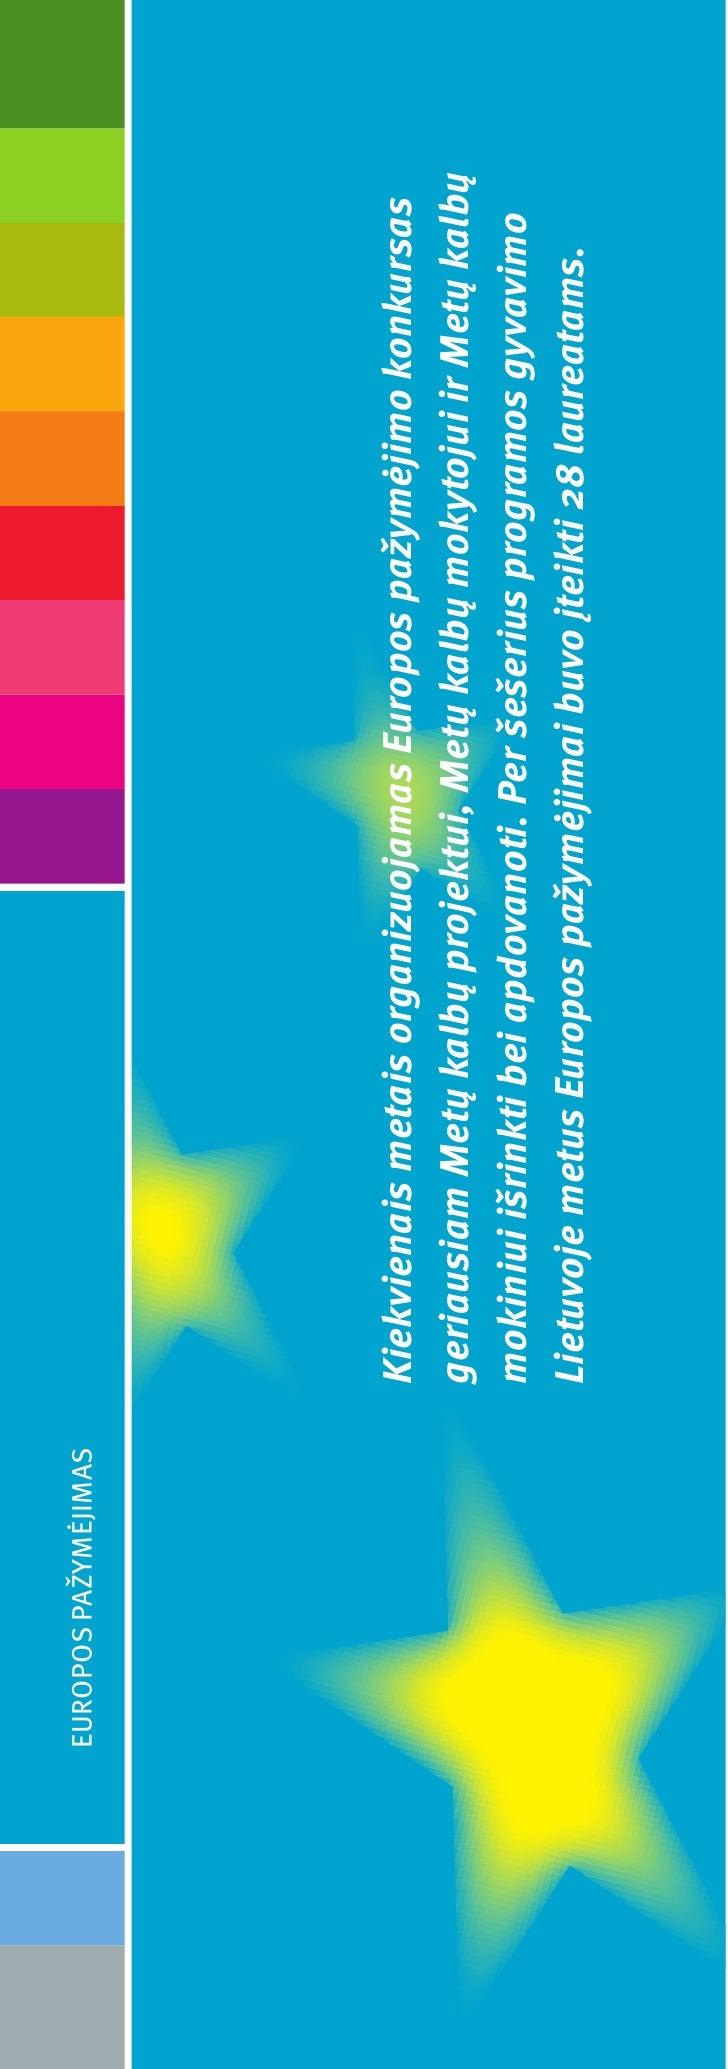 EUROPOS PAŽYMĖJIMAS                           Kiekvienais metais organizuojamas Europos pažymėjimo konkursas              ...